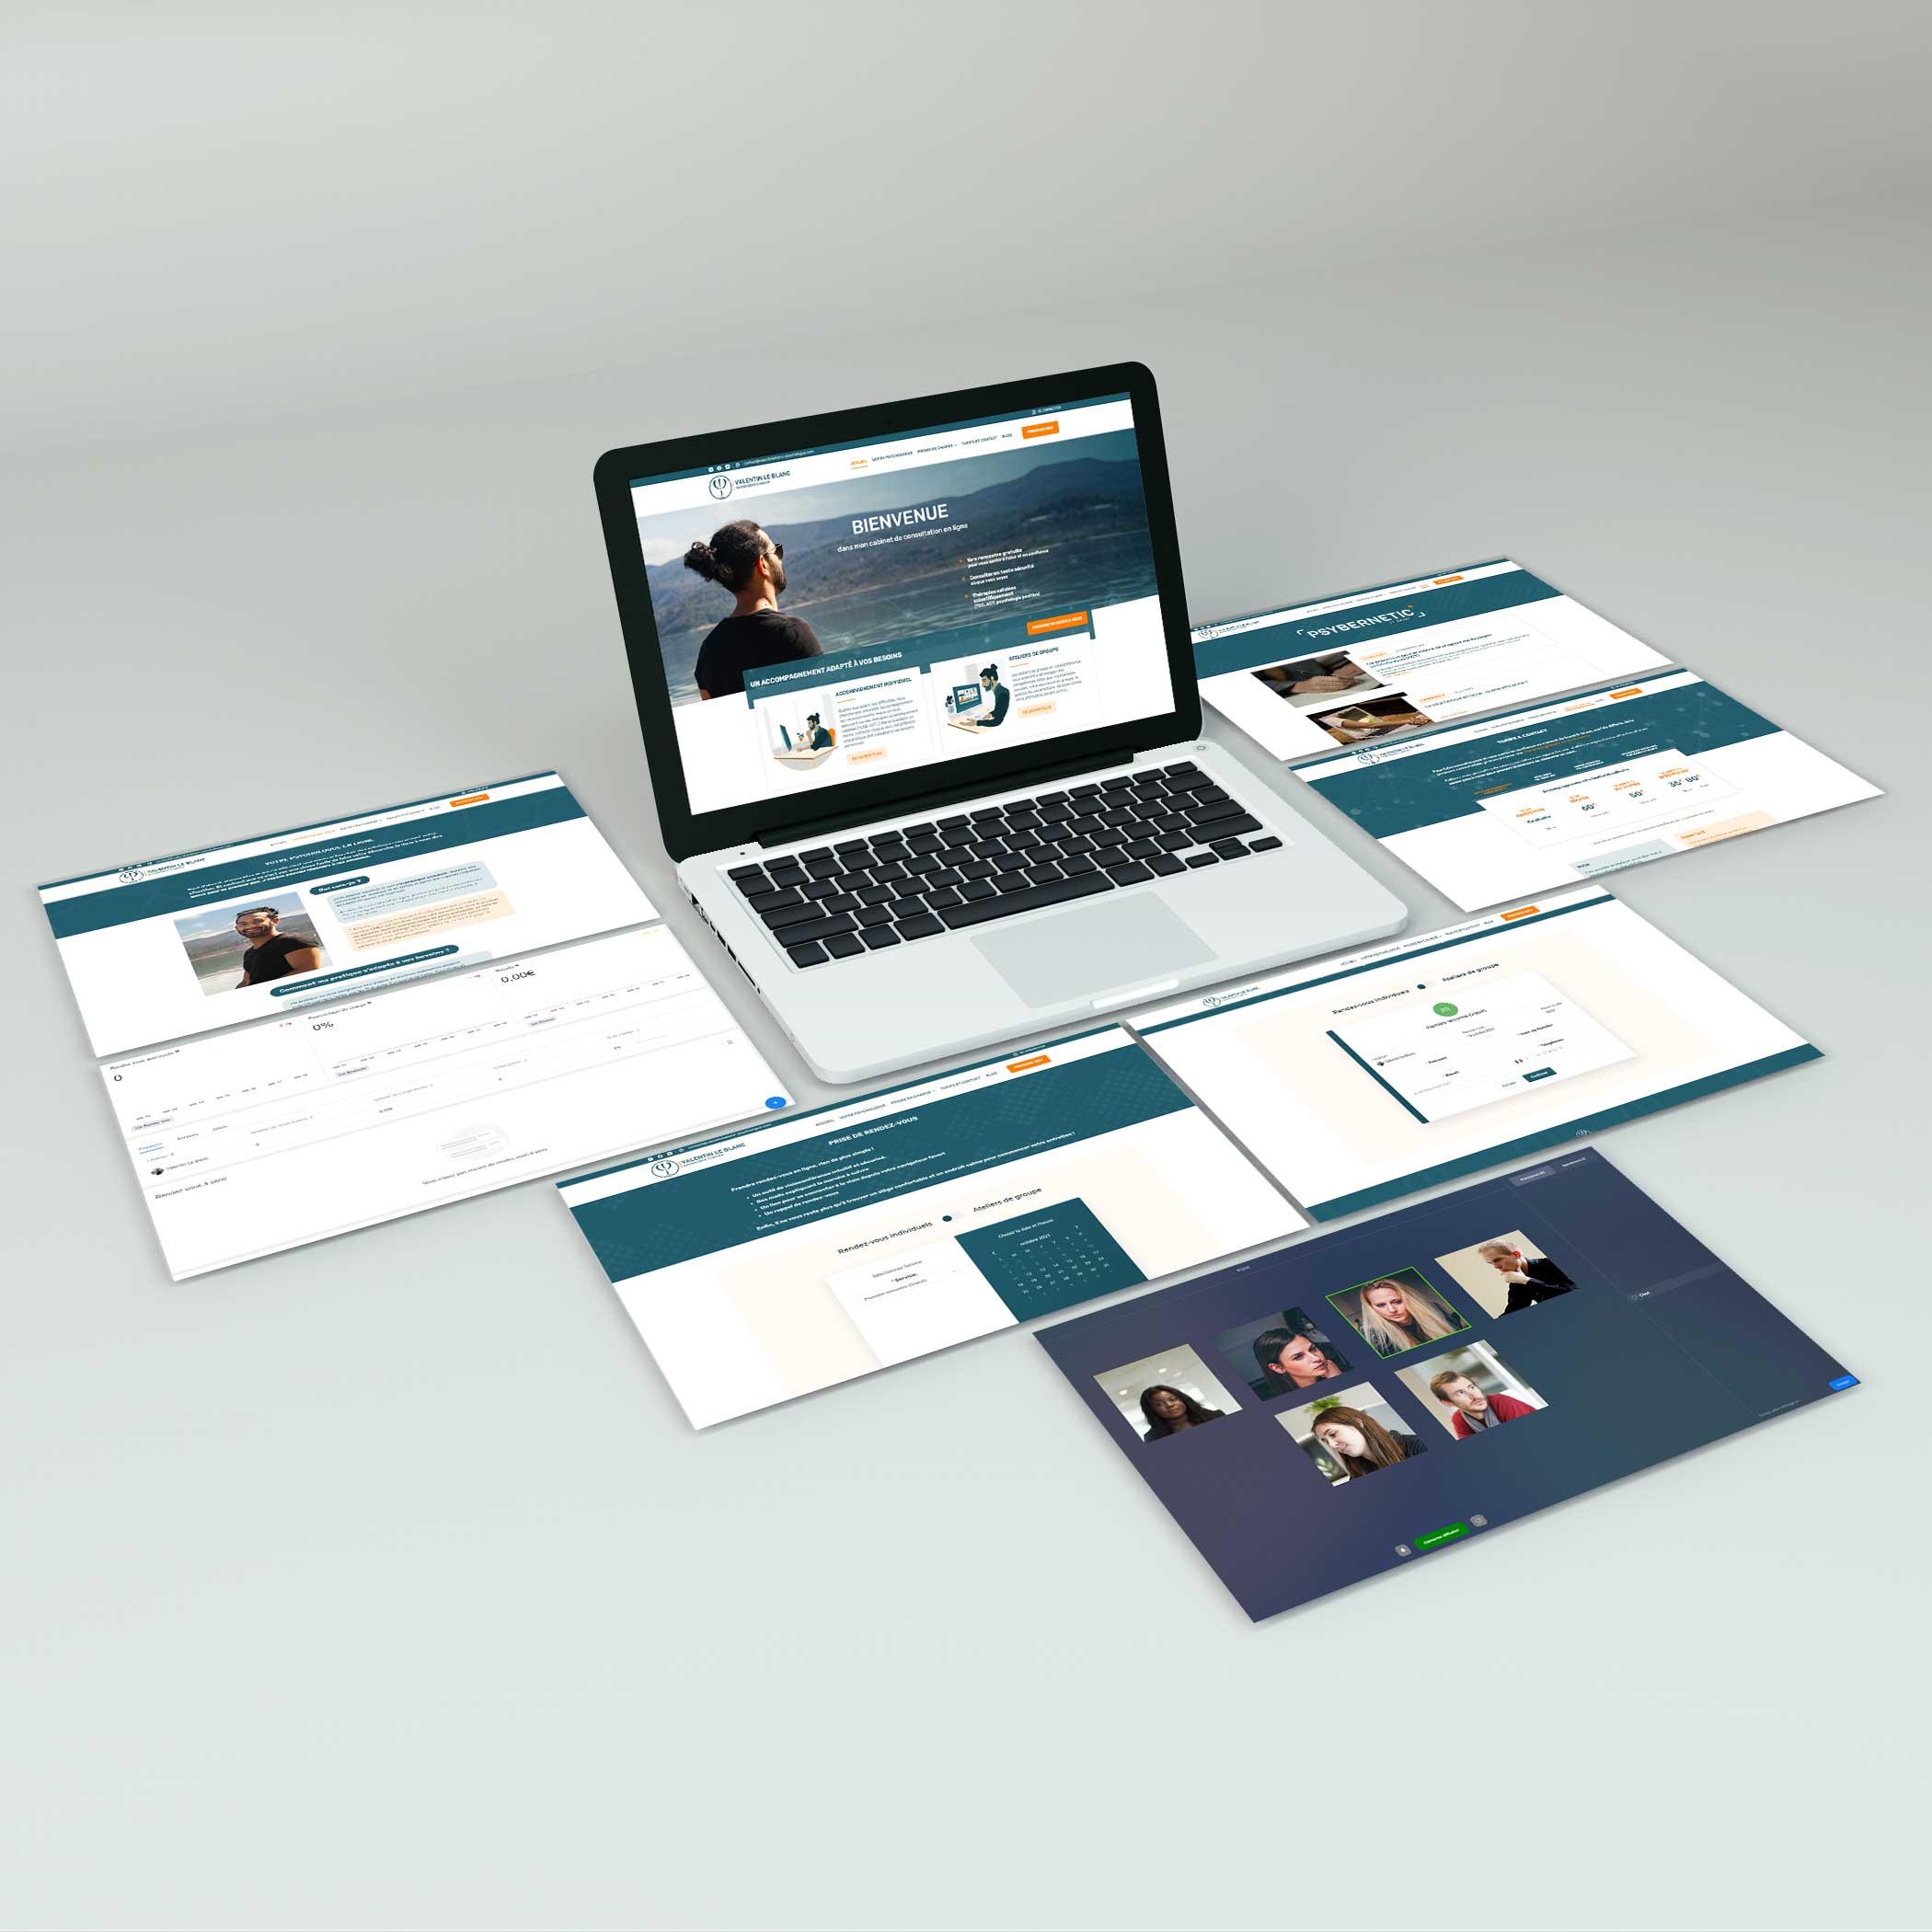 Web con reserva online y visio conferencia integrada